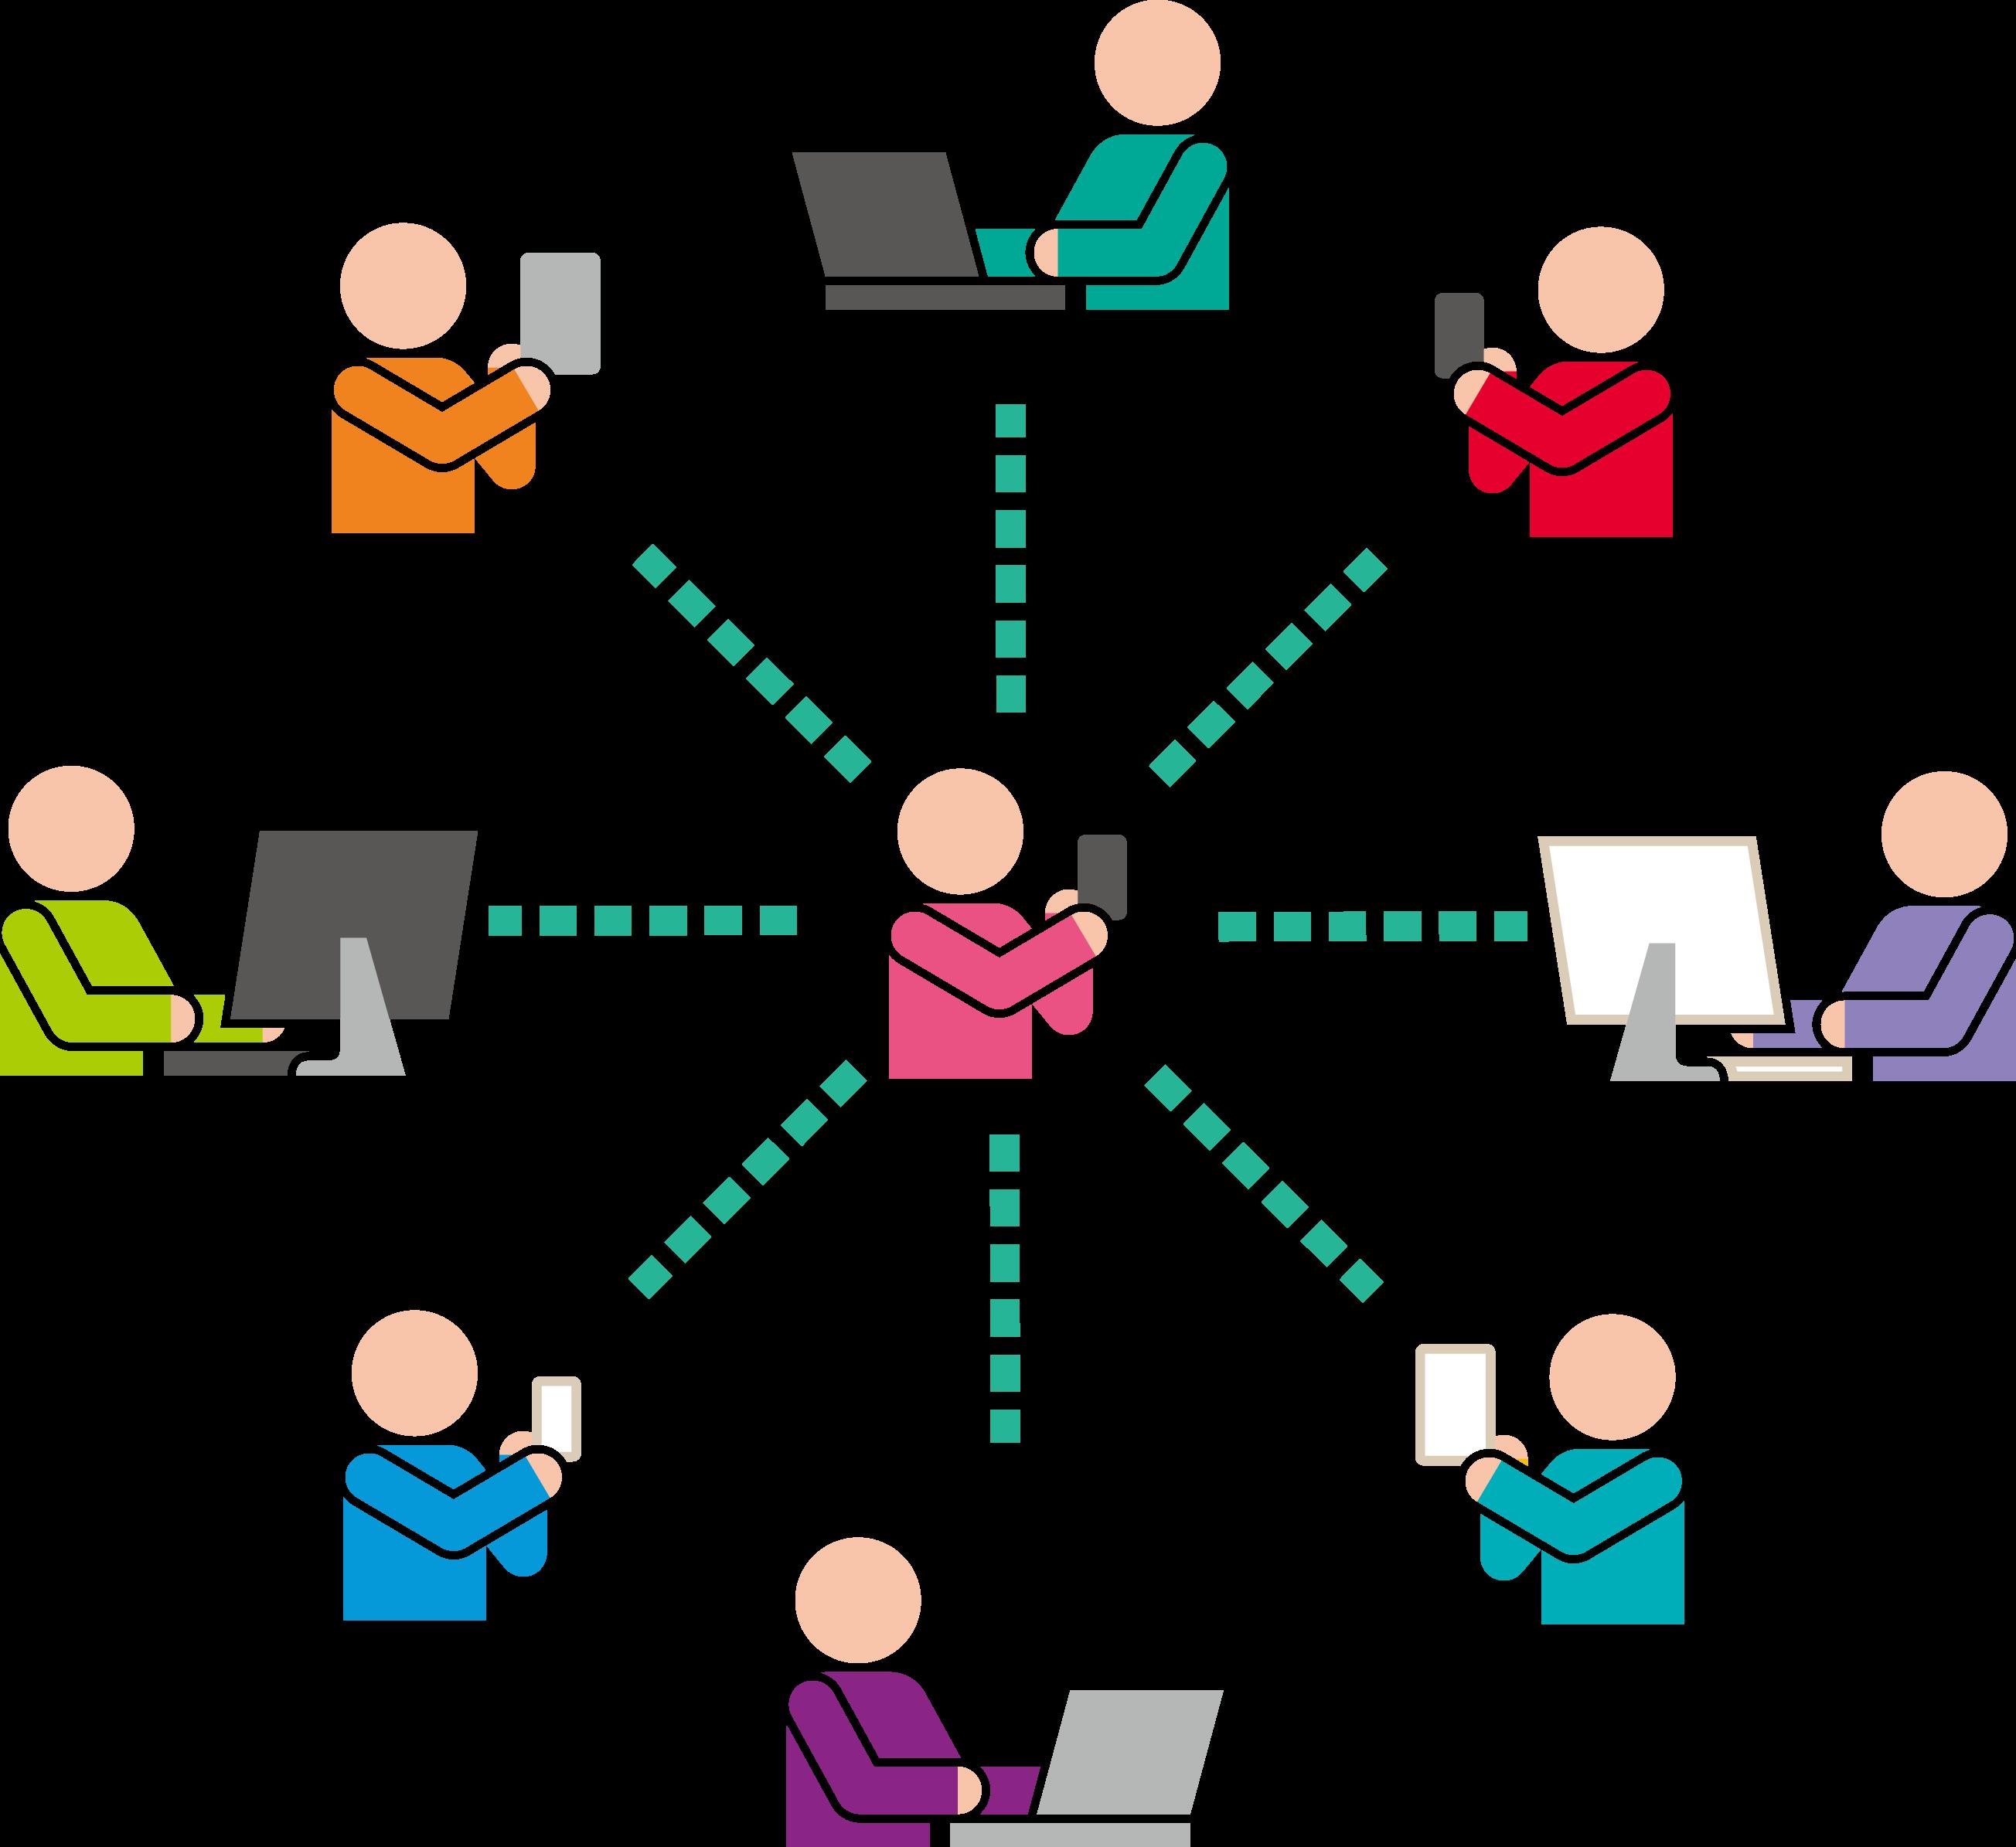 中小企業の働き方改革についての取り組み